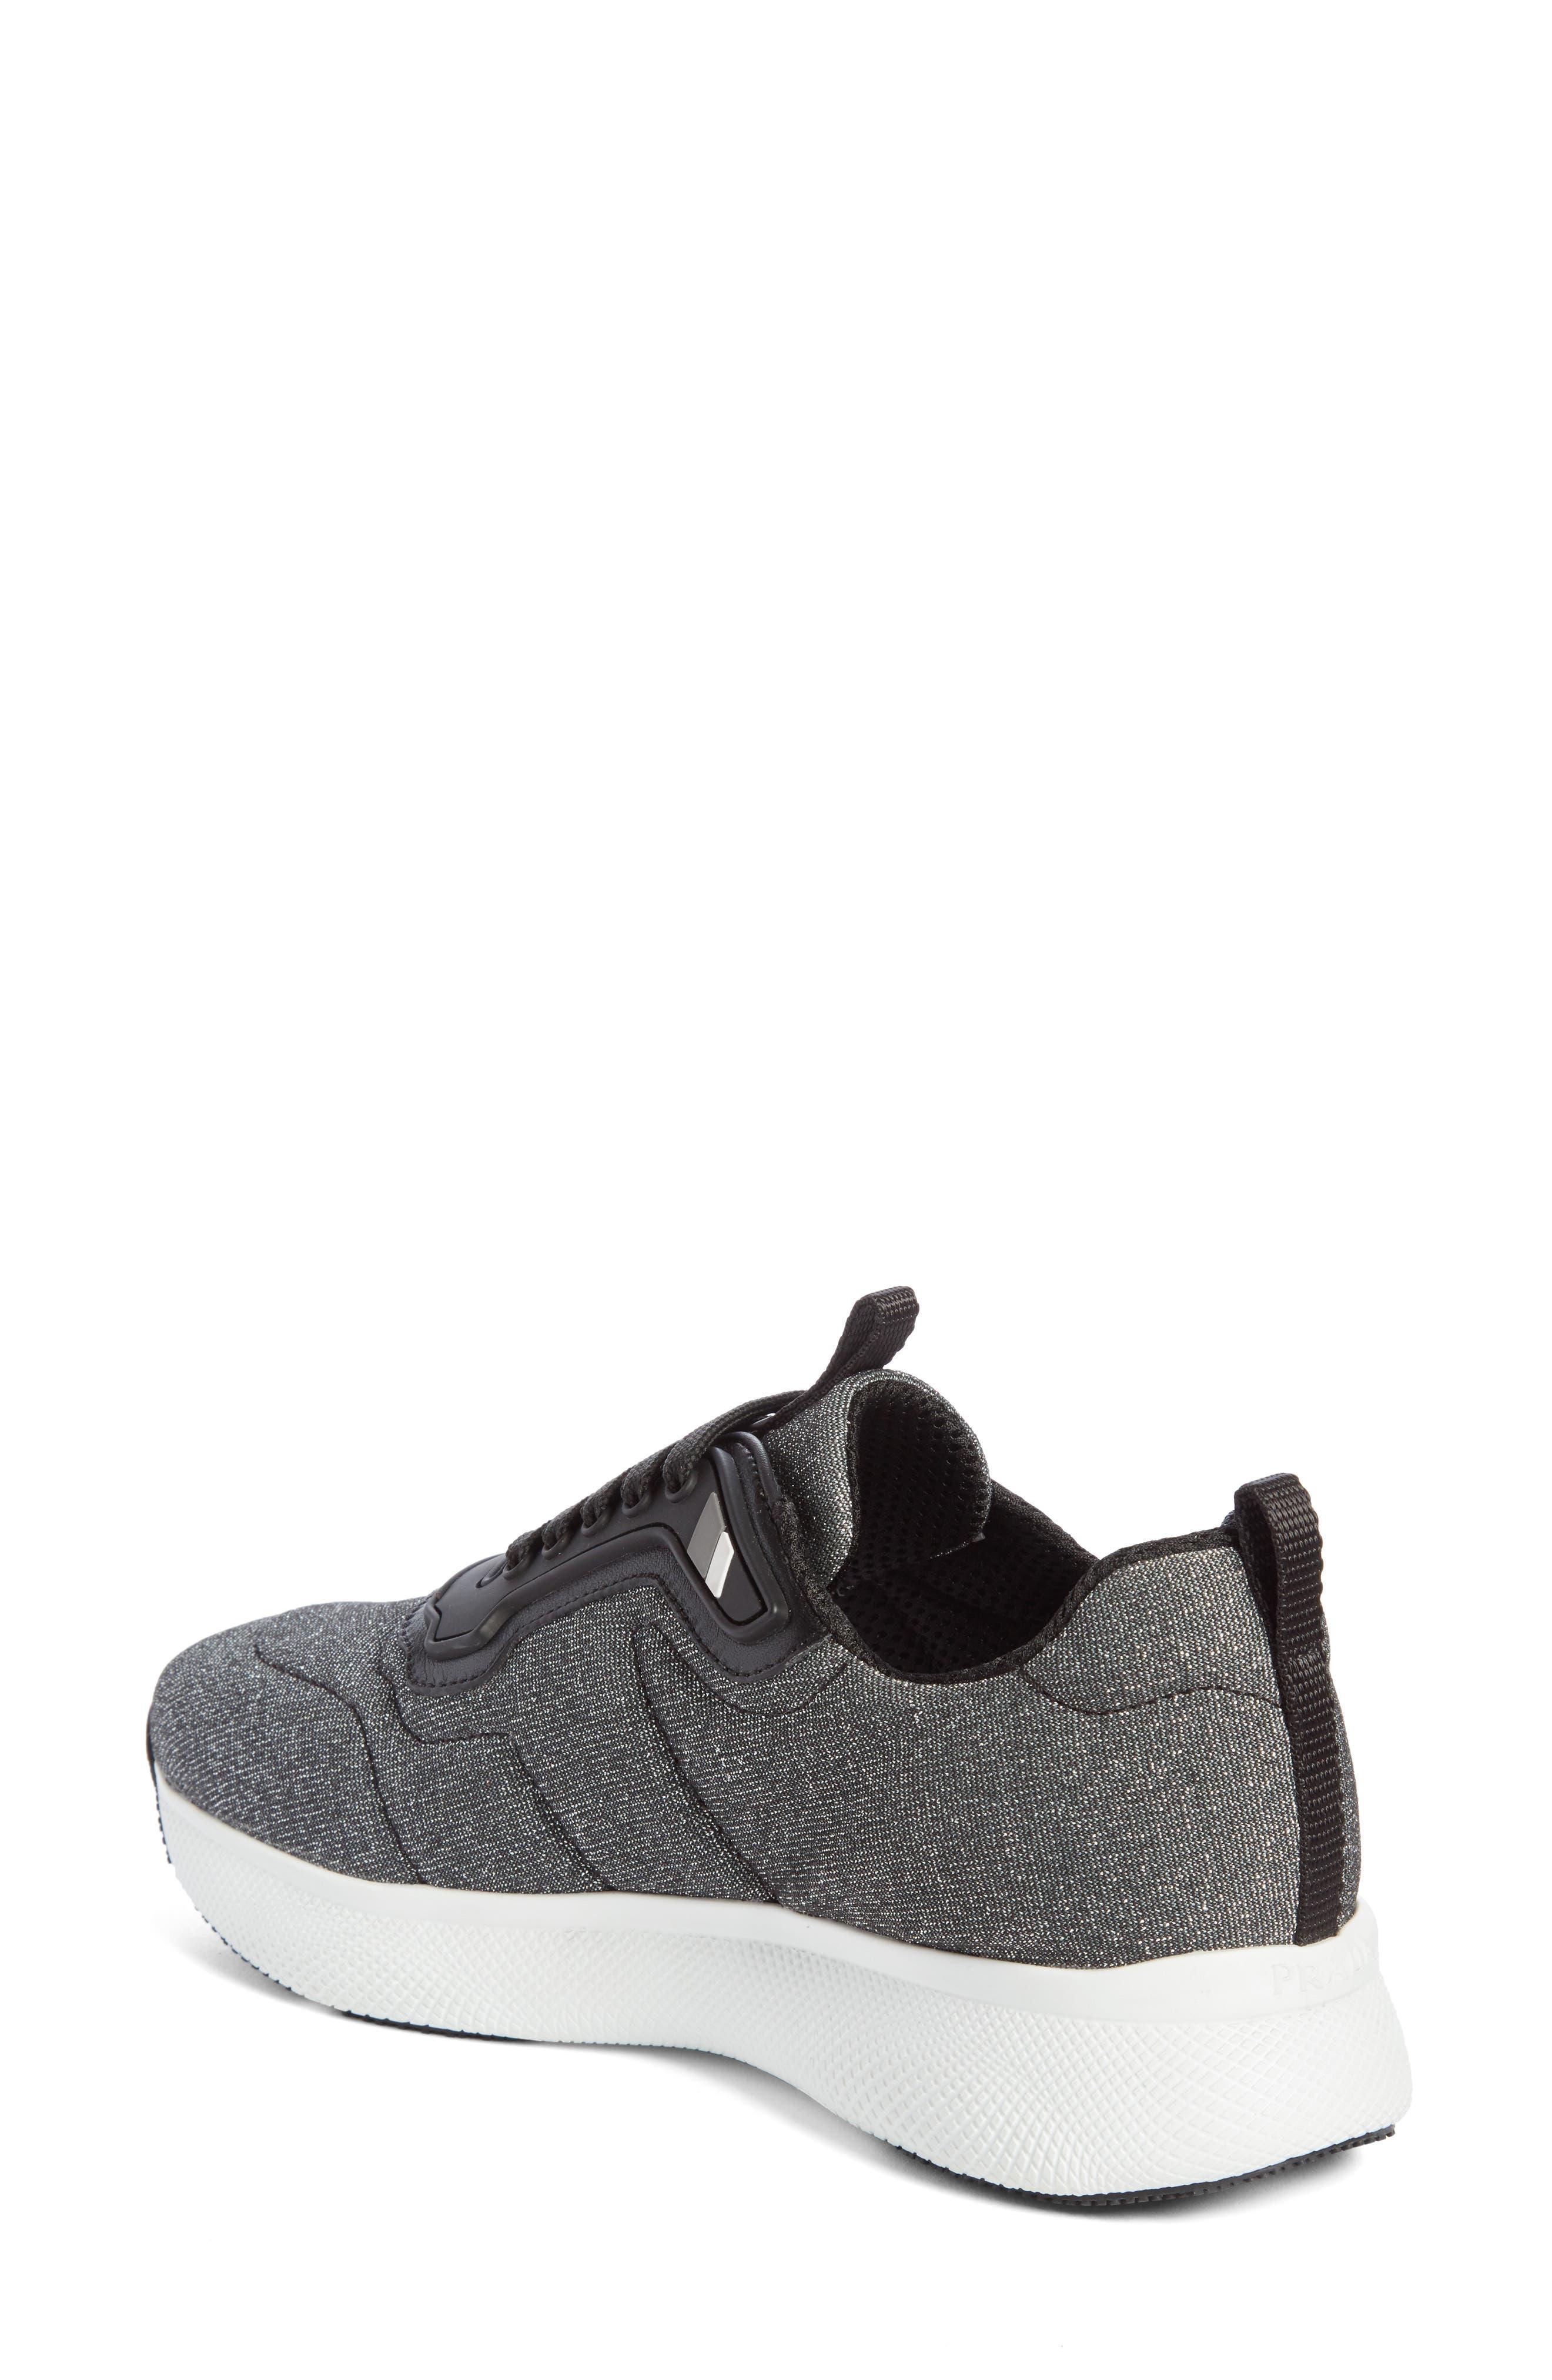 Alternate Image 2  - Prada Linea Rossa Runner Sneaker (Women)